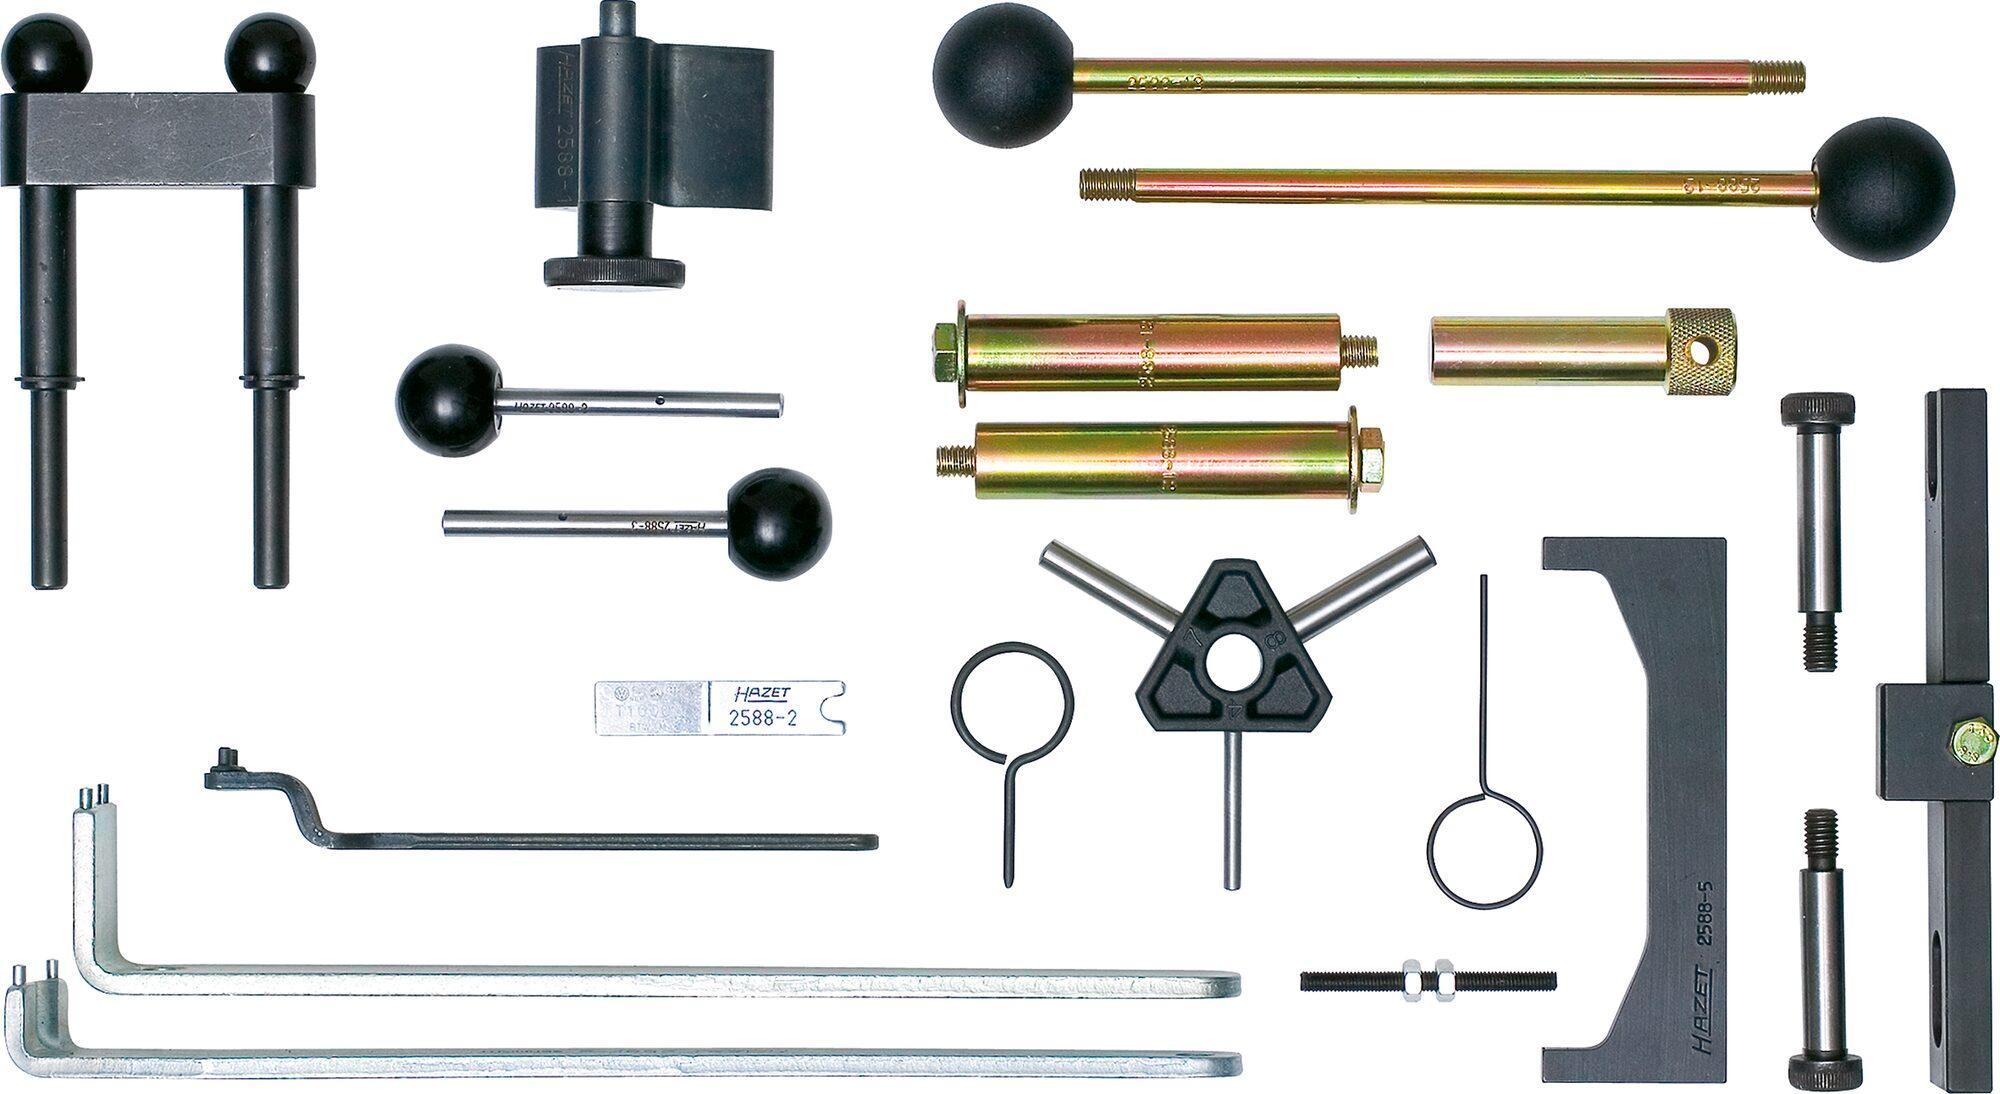 HAZET Motoreinstell-Werkzeug AUDI ∙ VW ∙ SEAT ∙ ŠKODA 2588/19 ∙ Anzahl Werkzeuge: 19